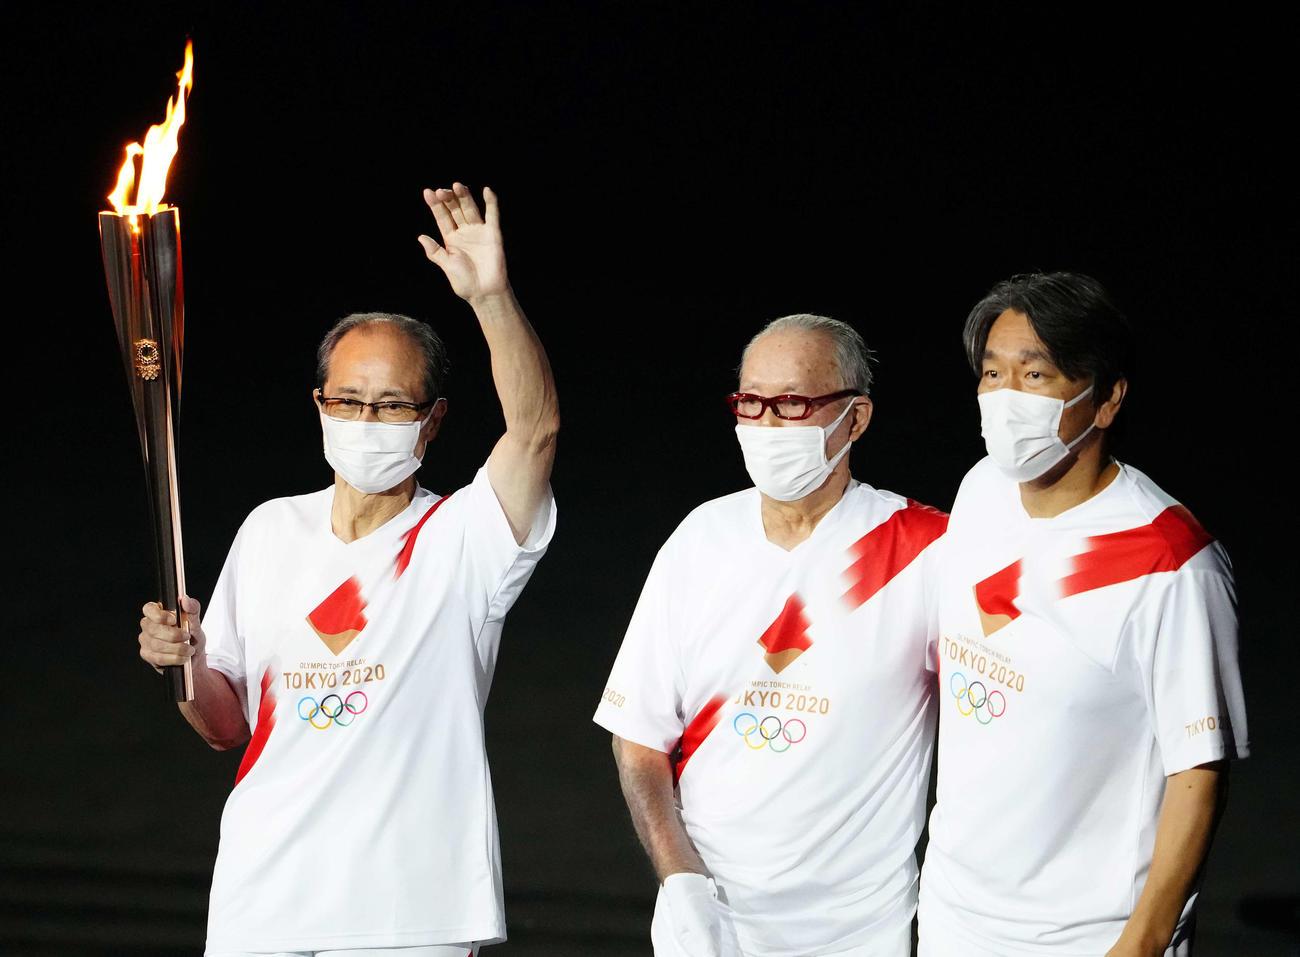 東京五輪開会式で聖火ランナーを務める、左から王氏、長嶋氏、松井氏(撮影・江口和貴)